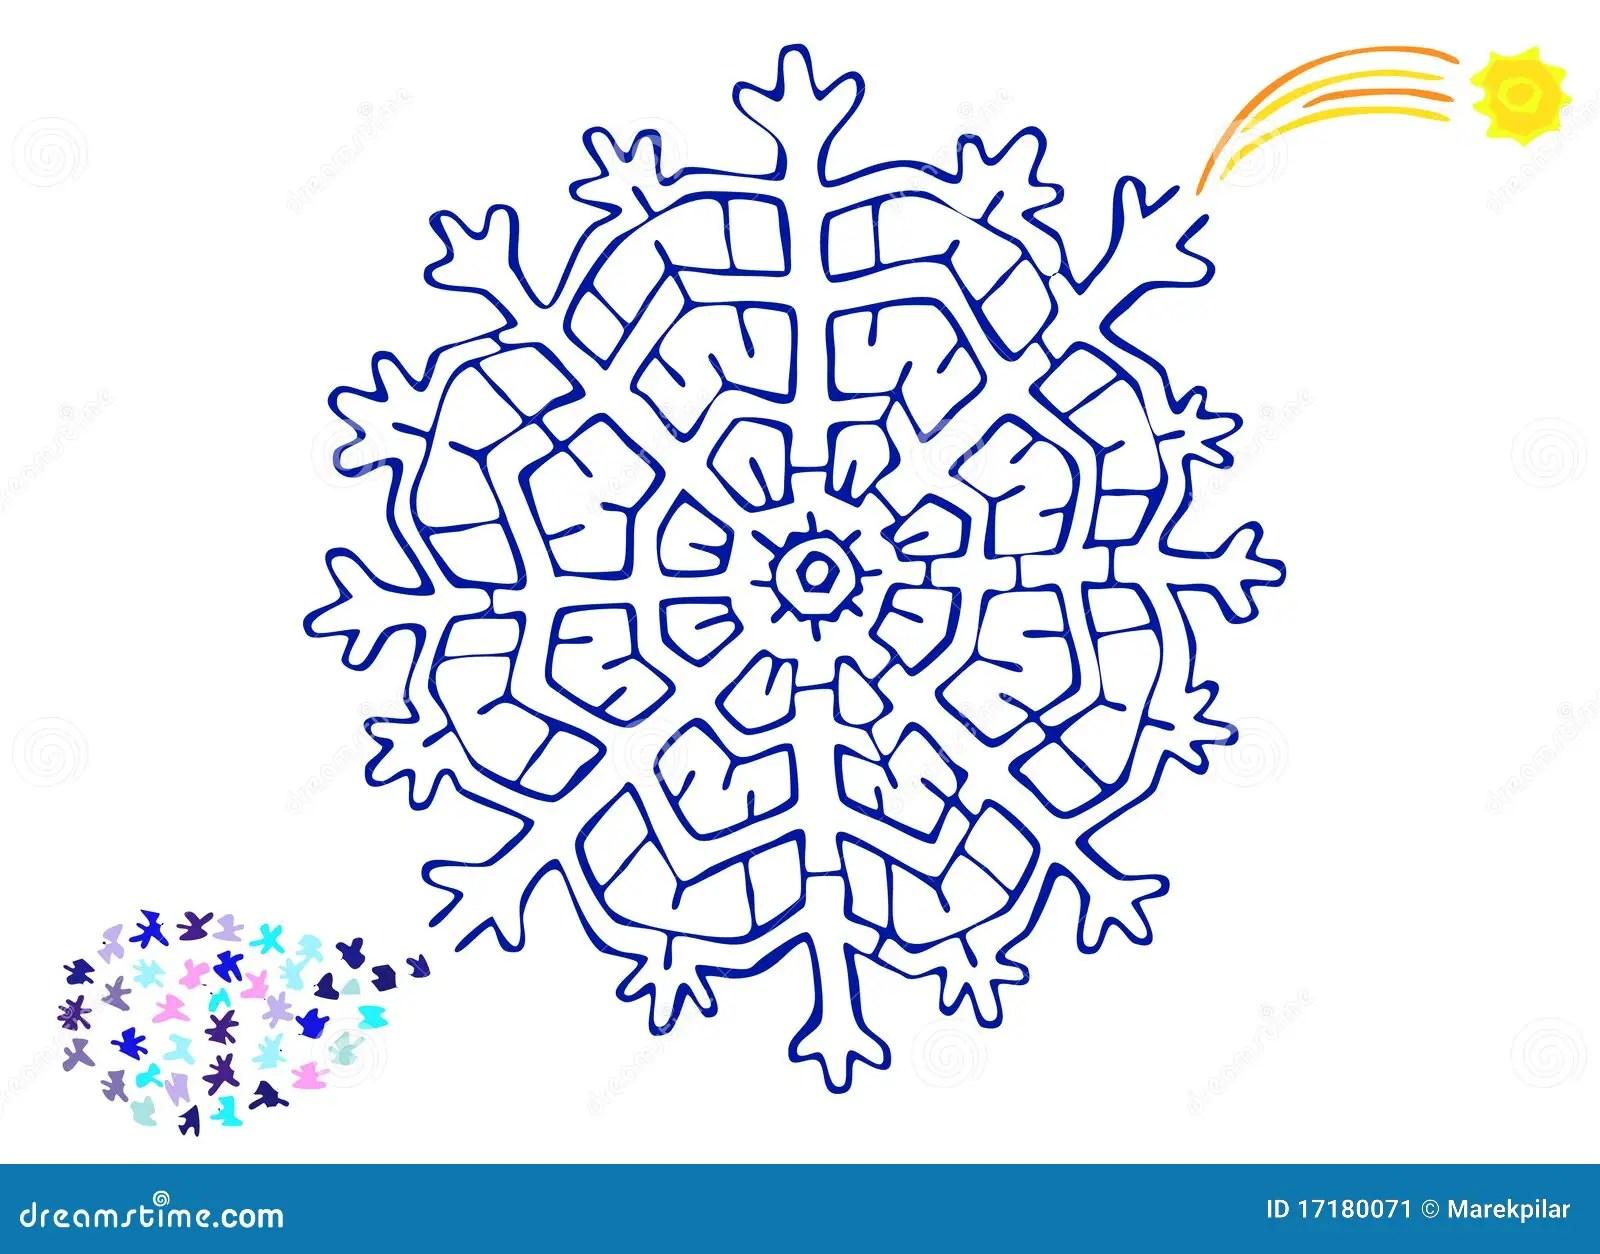 Christmas Labyrinth Stock Image